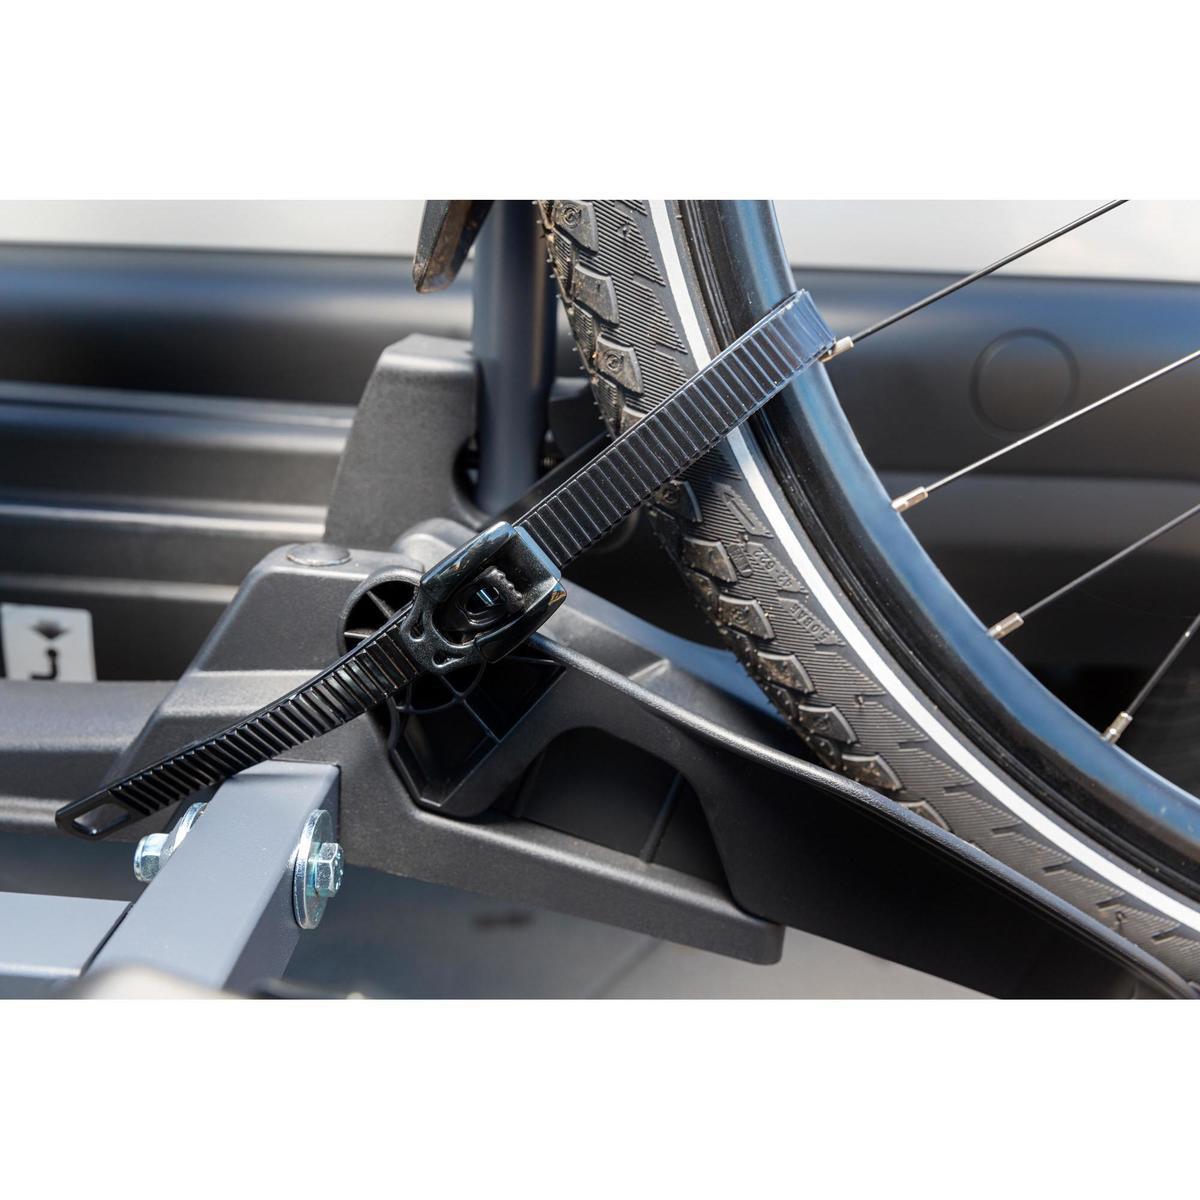 Bild 5 von Fahrradträger Heckträger PRO LINE EVO für Anhängerkupplung 2 Räder